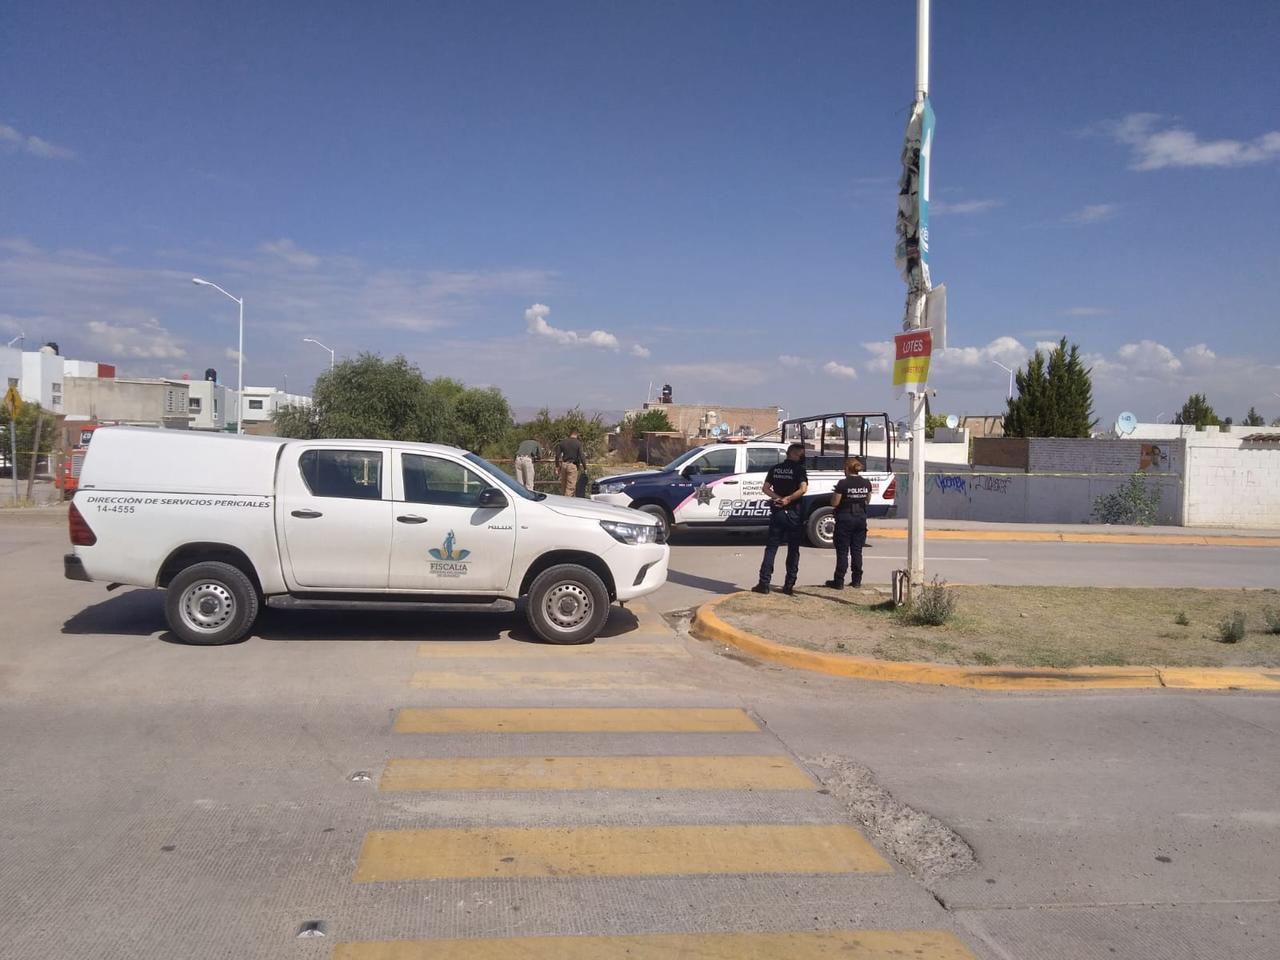 Varón se quita la vida debajo de un puente; Durango suma 77 suicidios